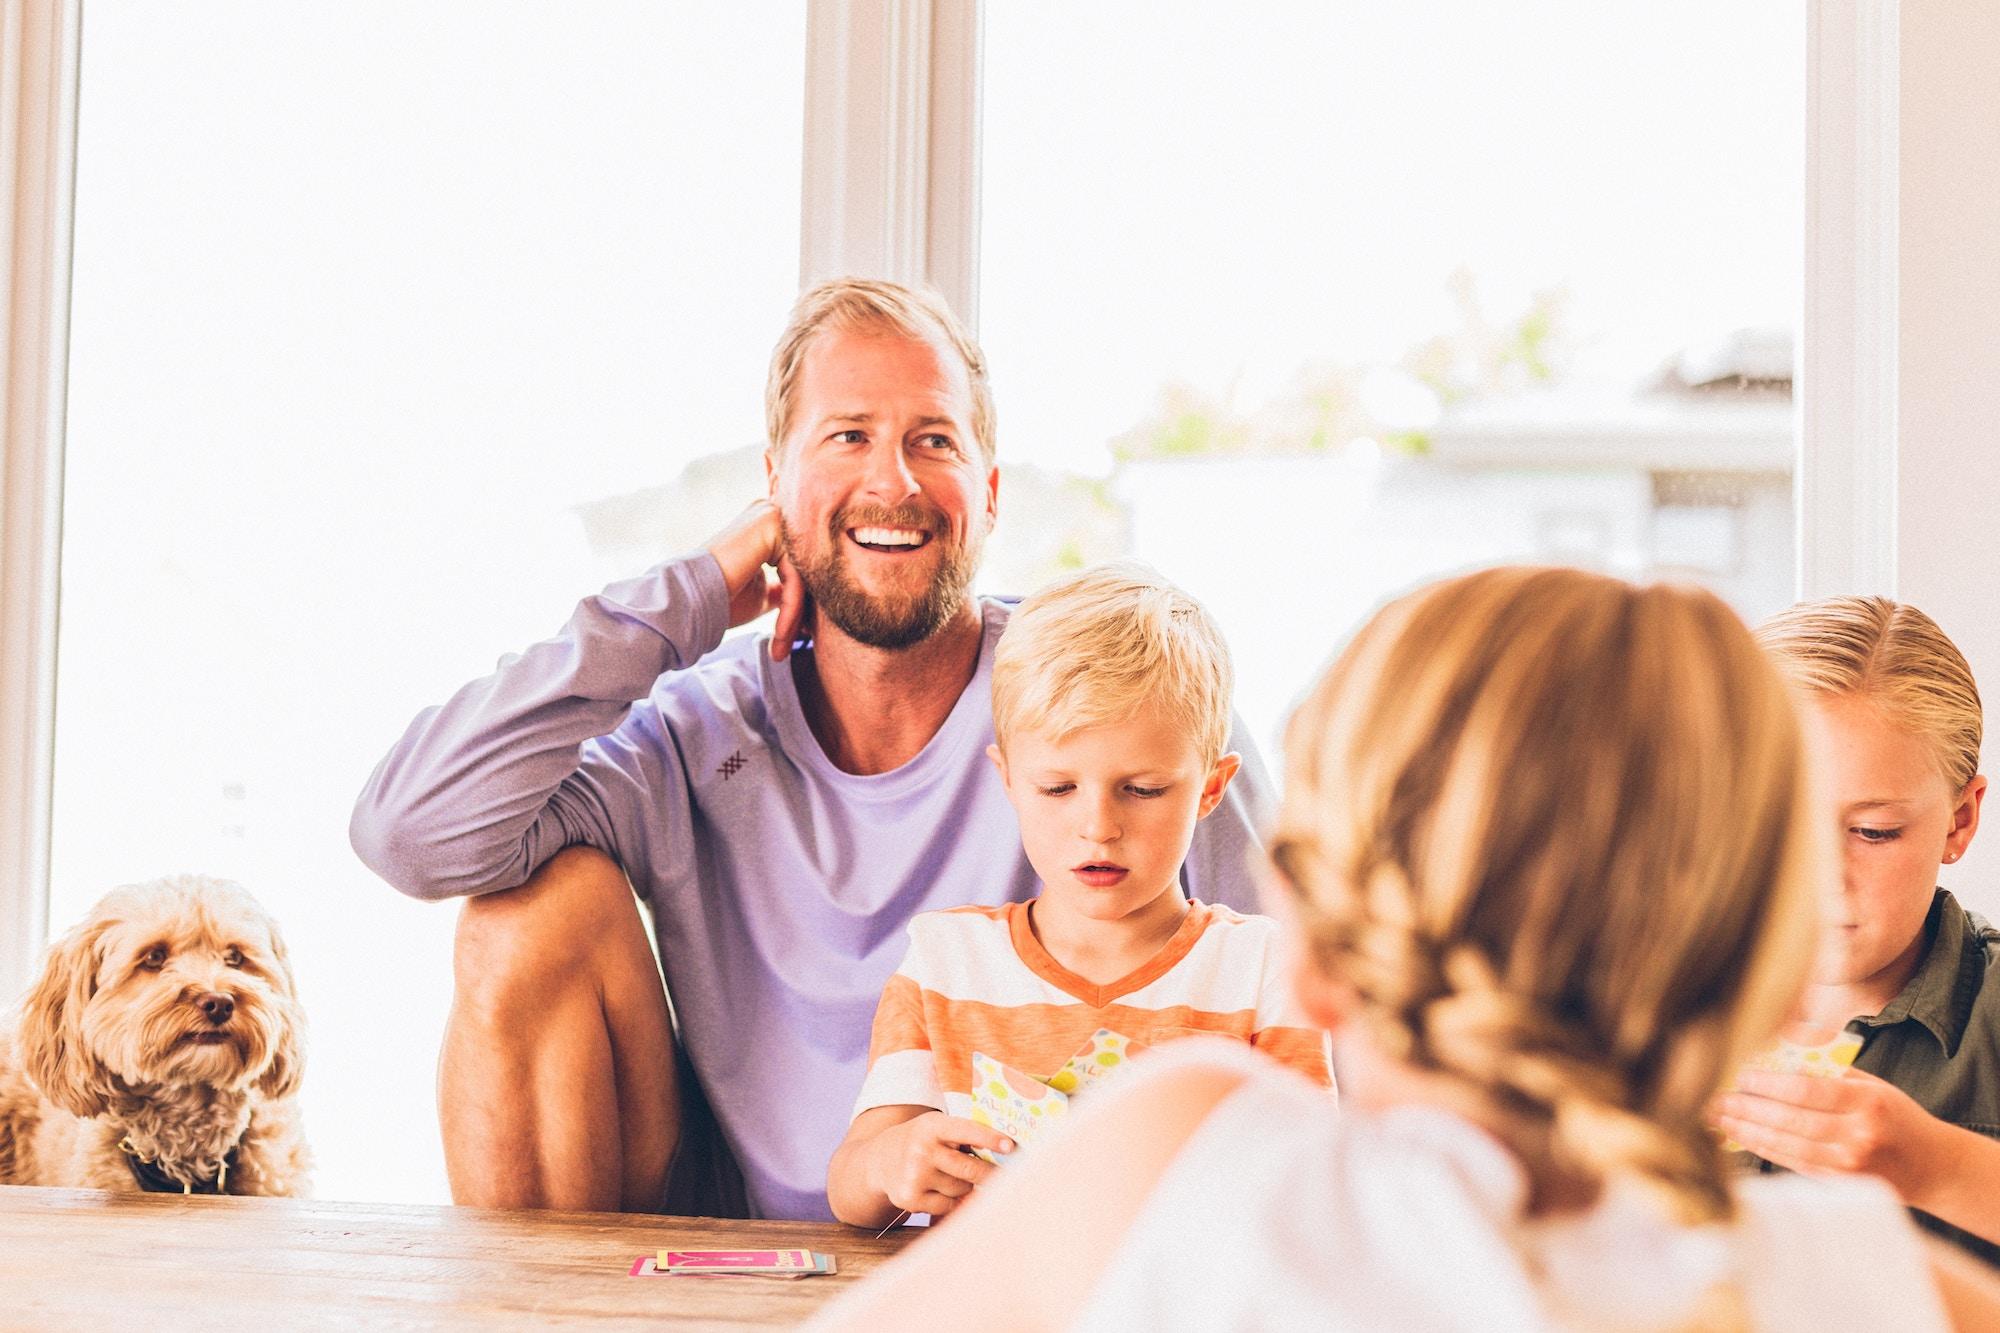 【家族滞在と特定活動】家族を呼び寄せる際の2つのビザを徹底比較!